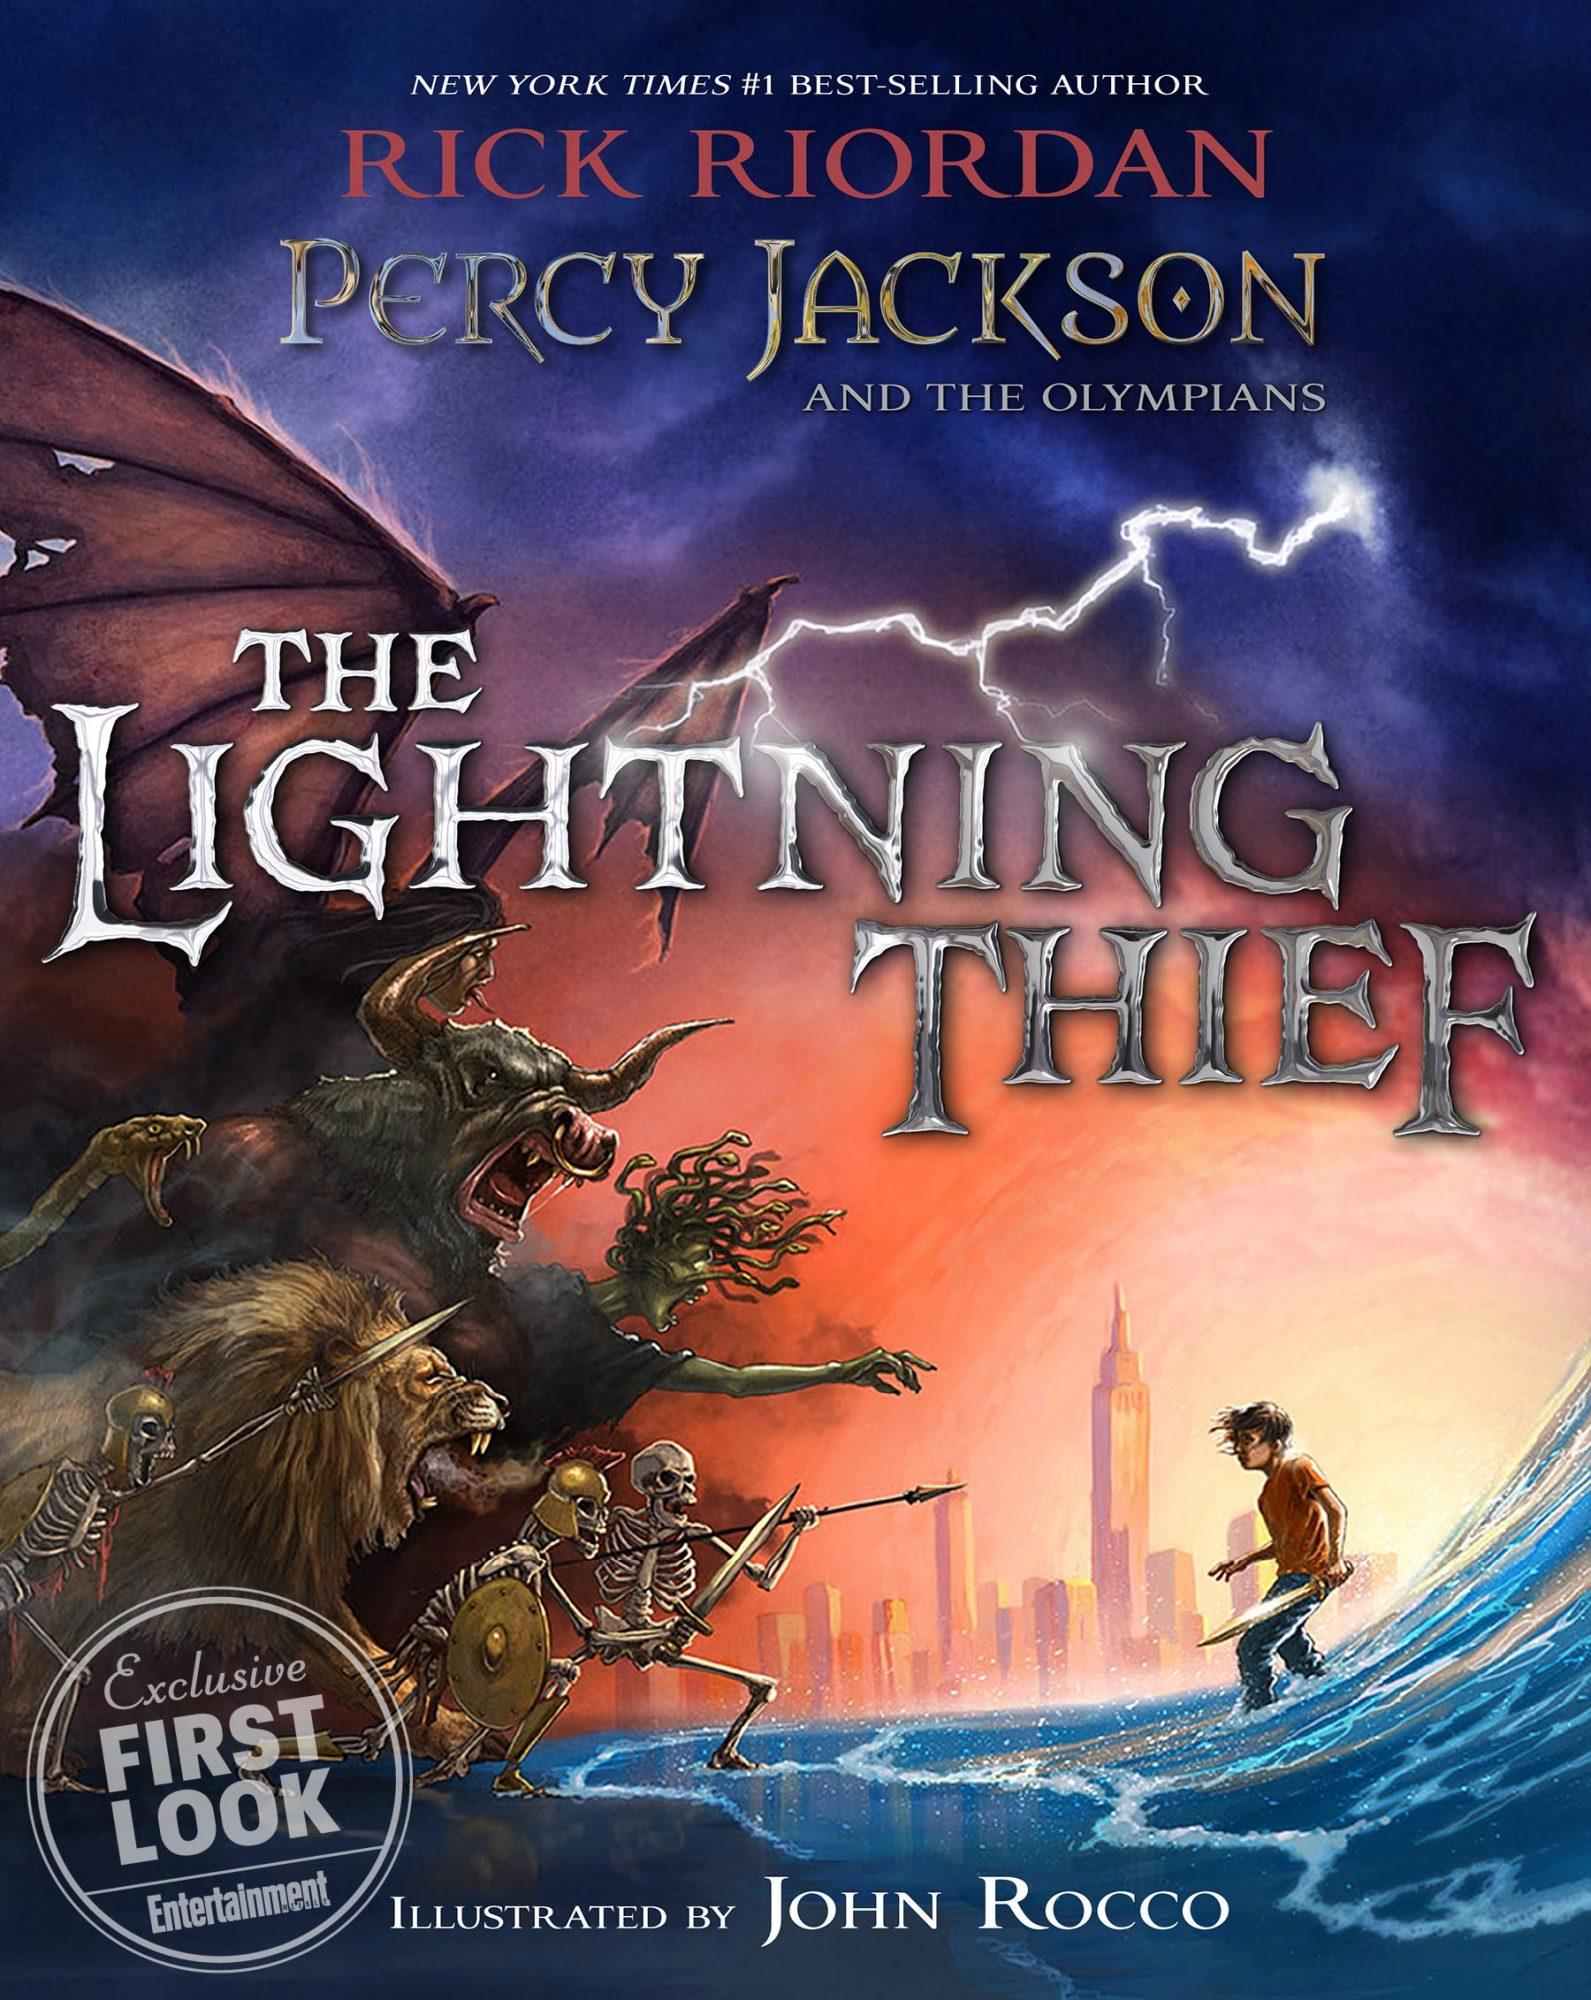 LightningThiefIllustrated_JKT_silver